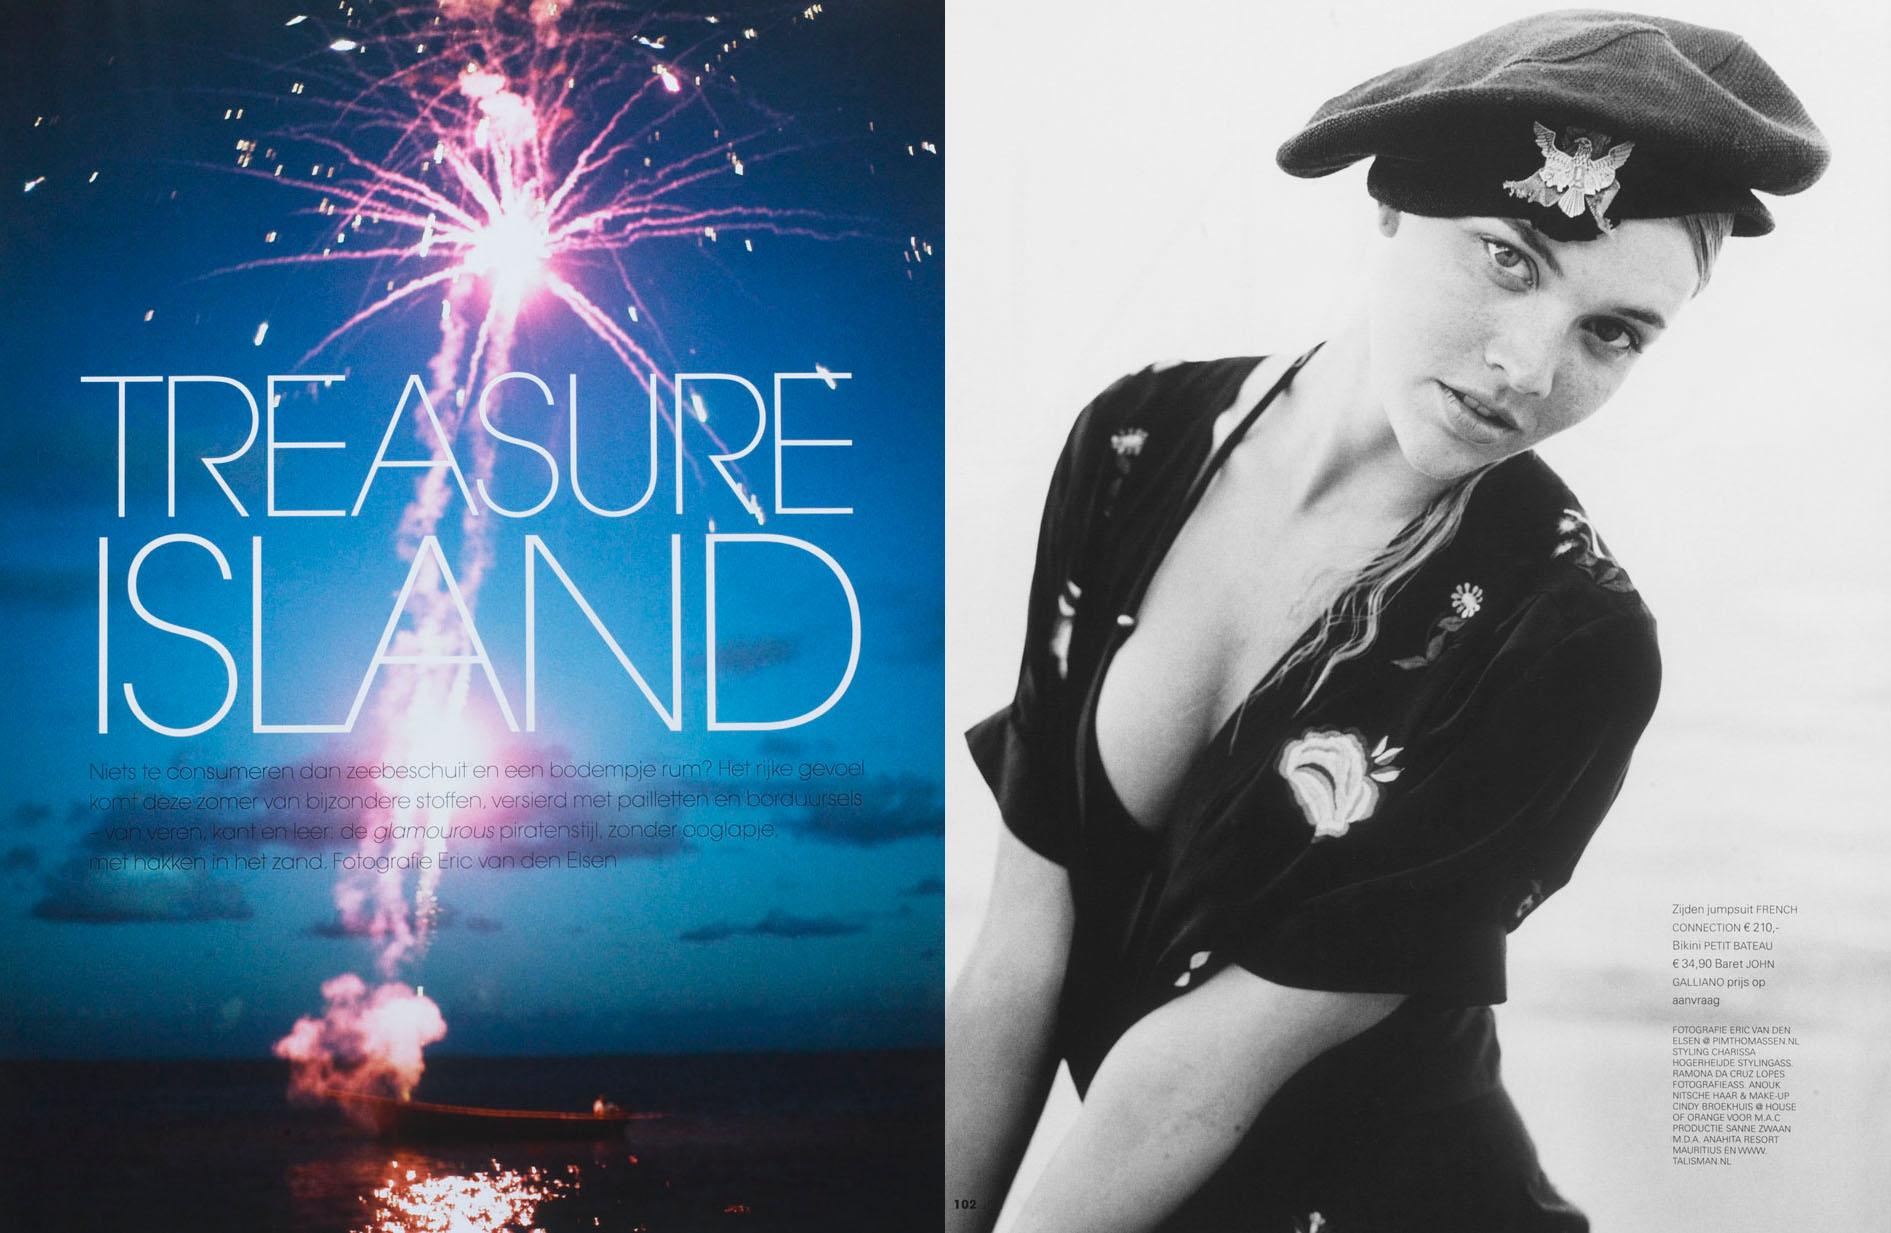 treasure island-1